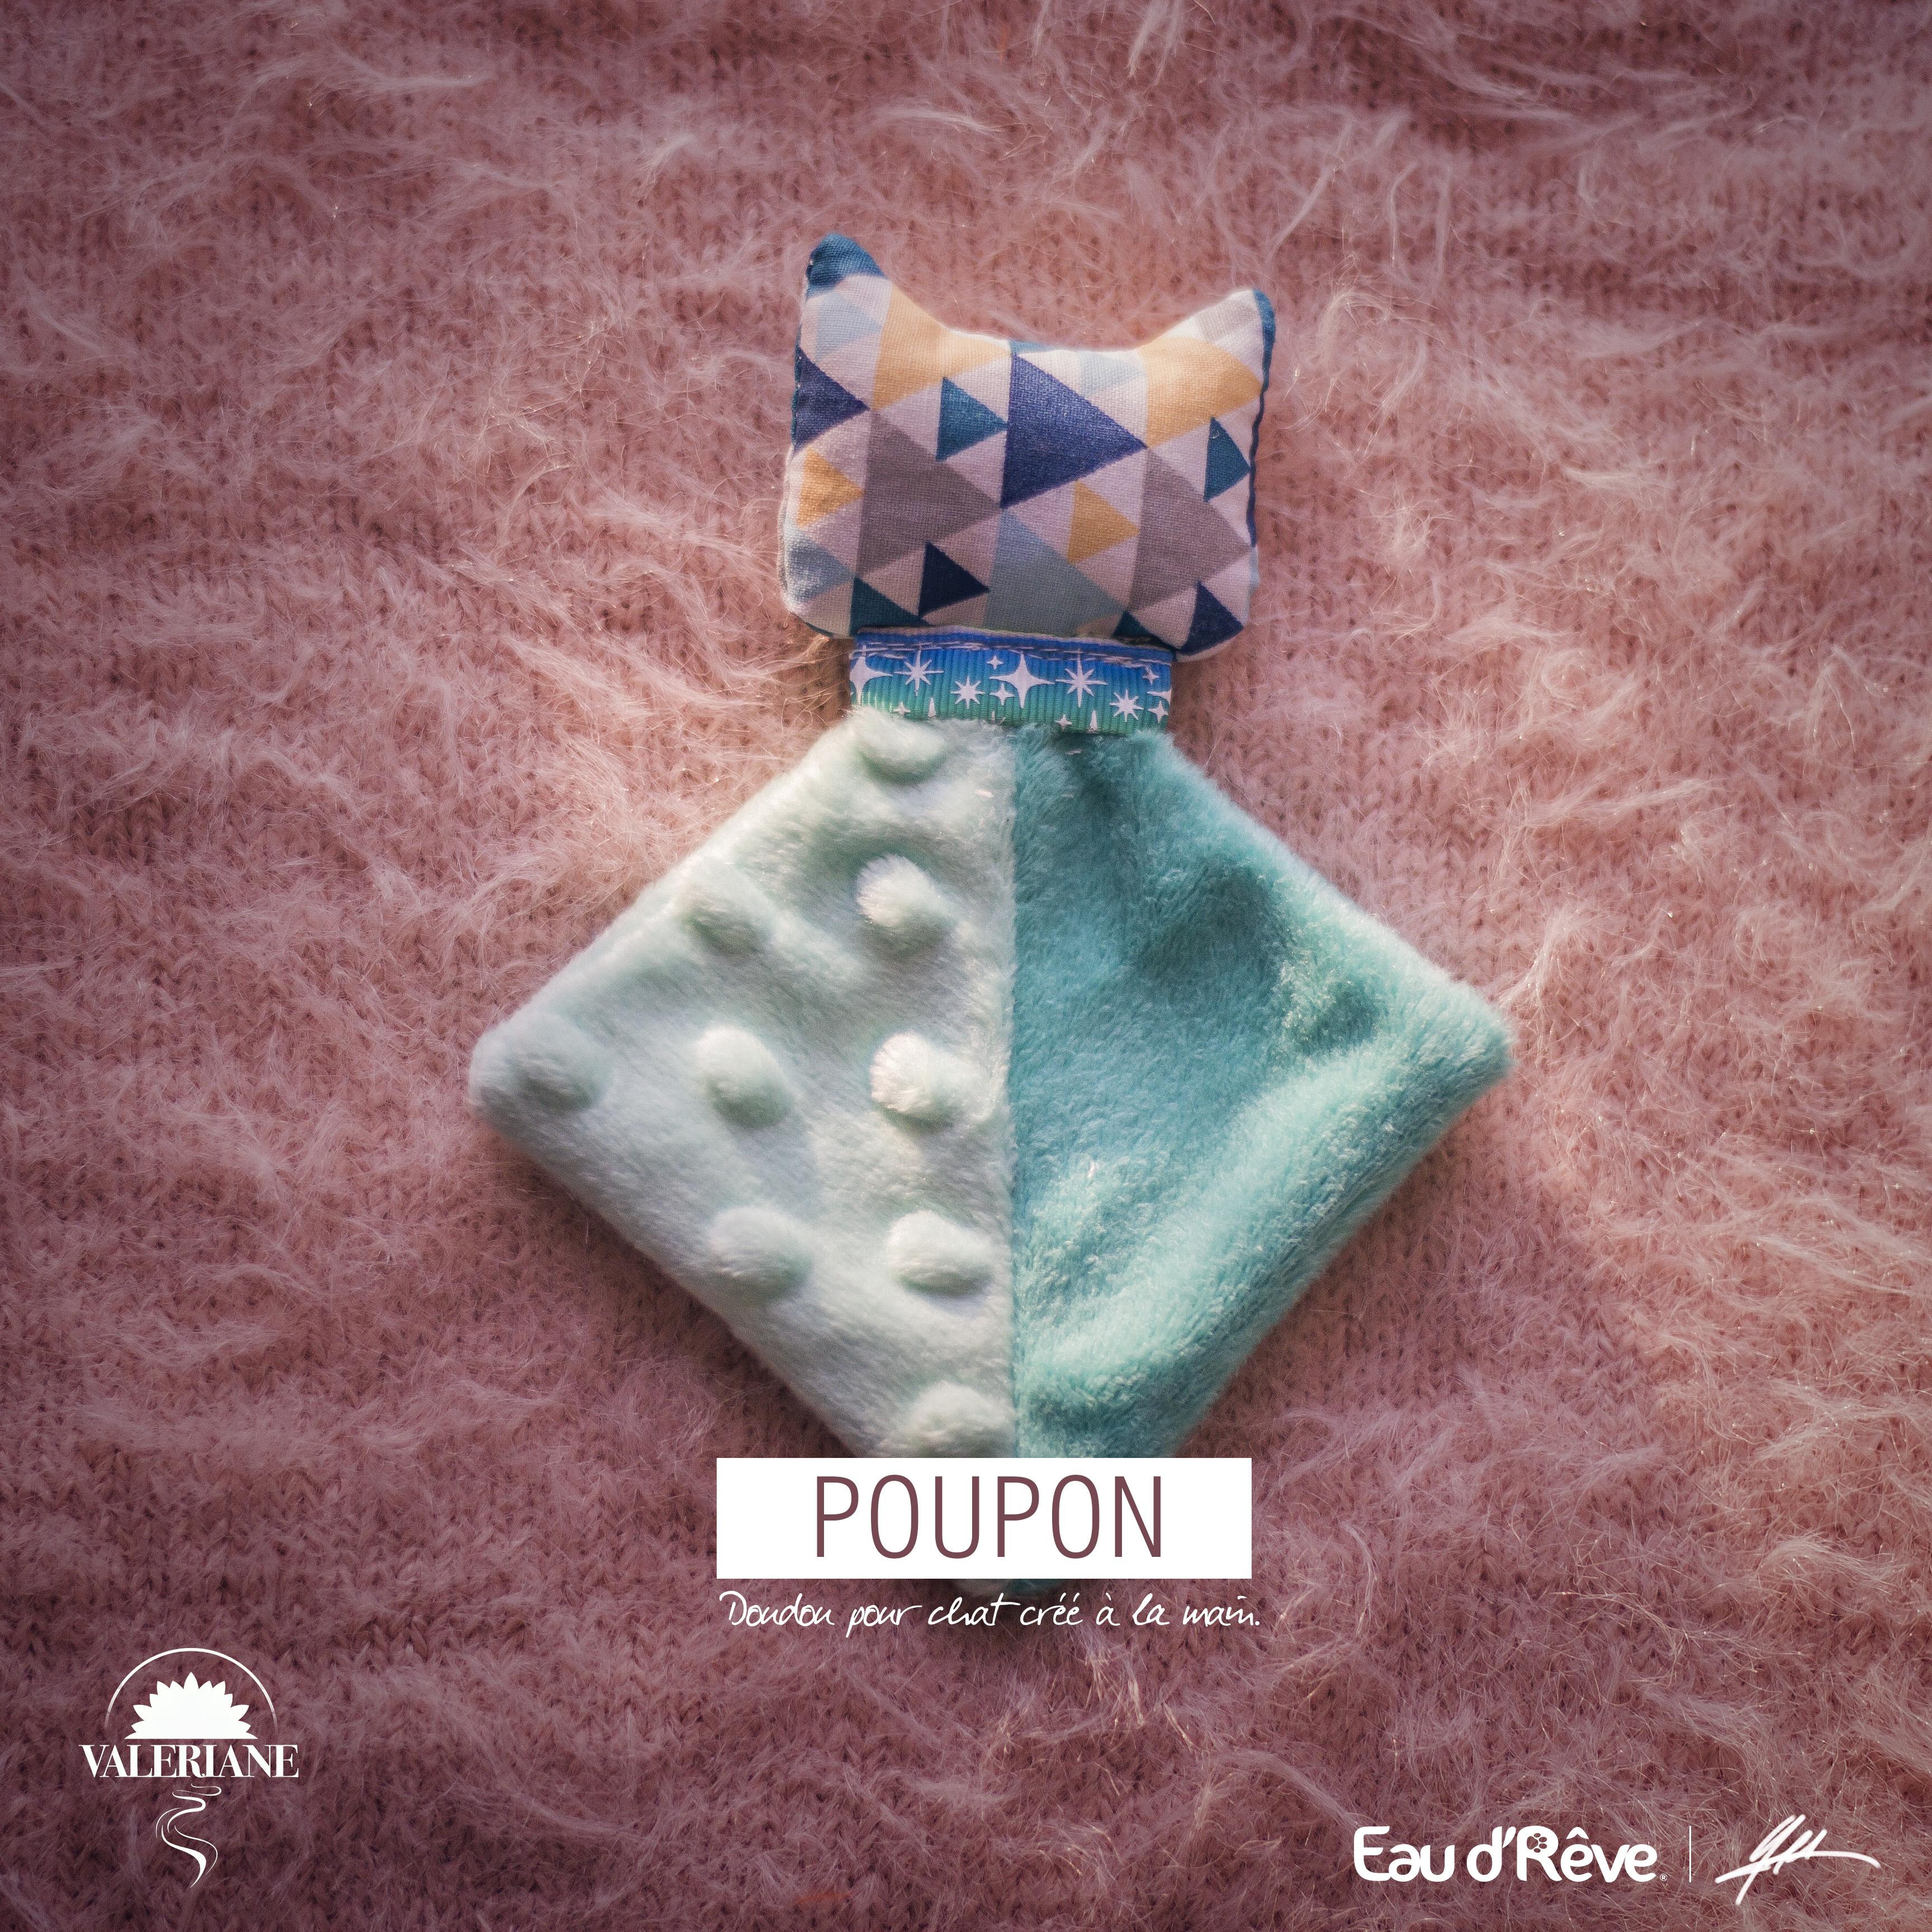 POUPON - 02